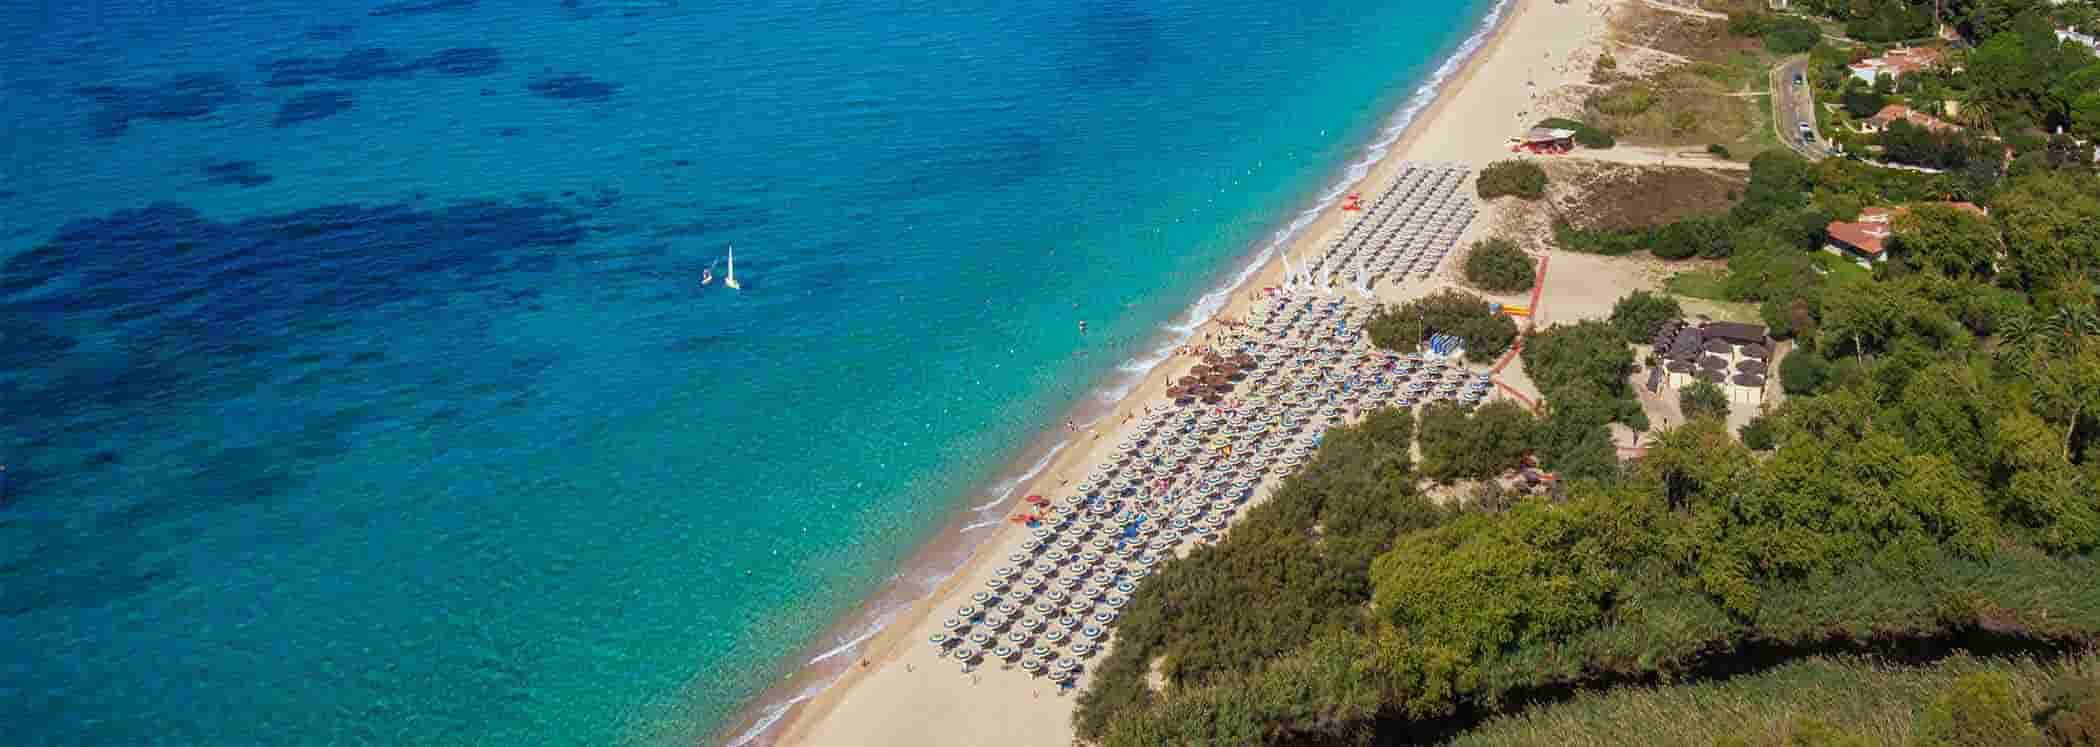 Villaggio Turistico in Sardegna: Calaserena Village | Bluserena